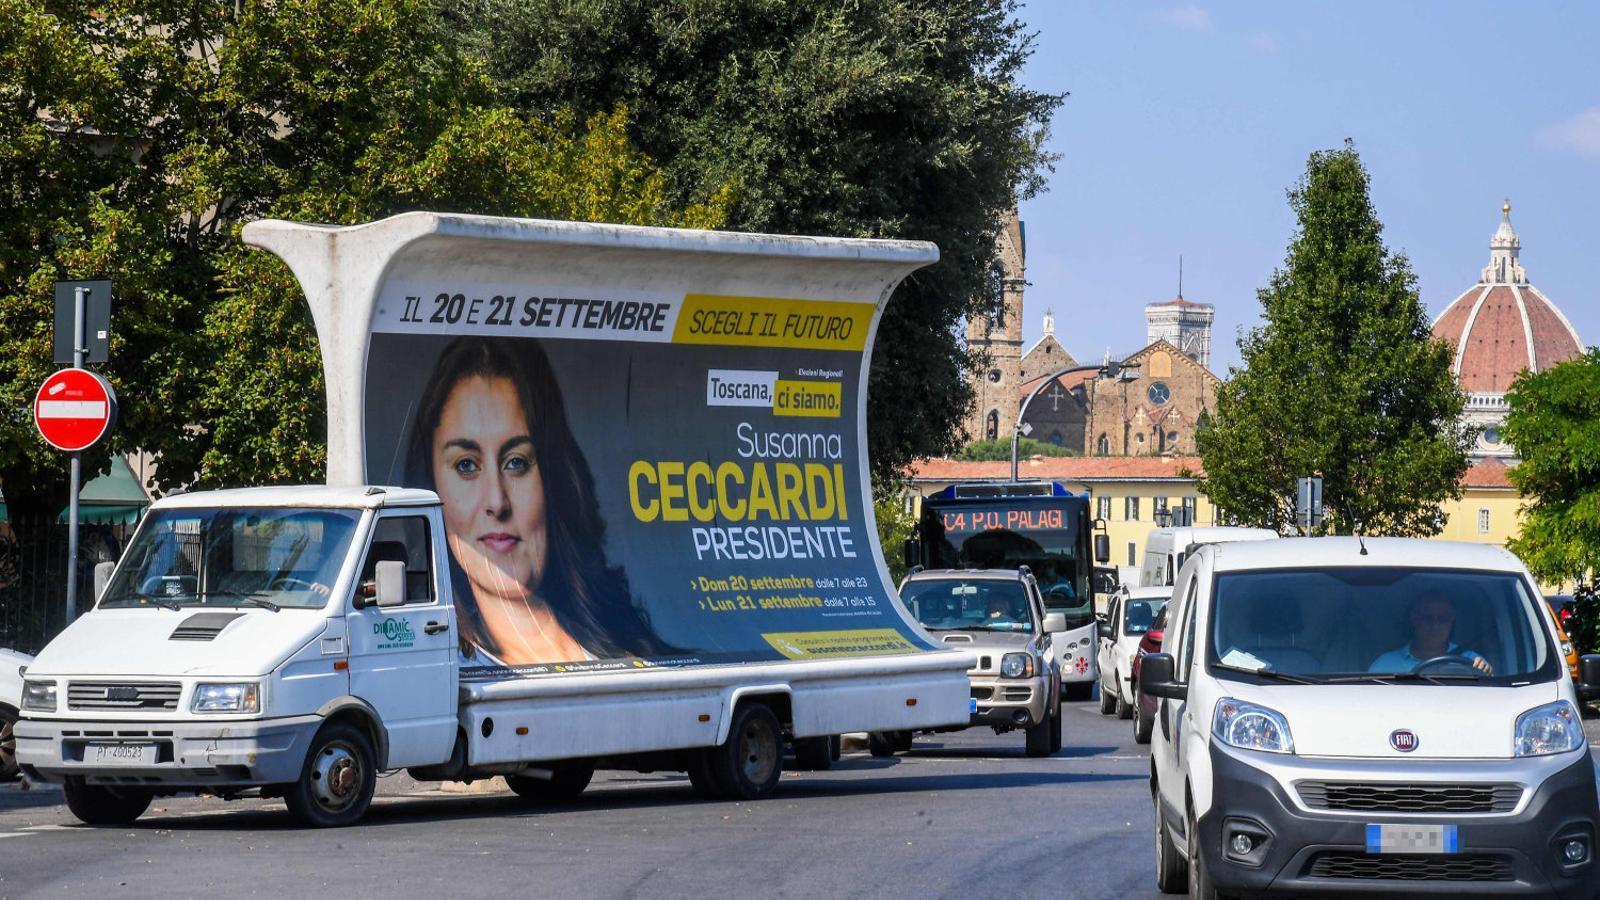 Un vehicle amb un pòster de campanya de   La candidata de la Lliga a la Toscana, Susanna Ceccardi.